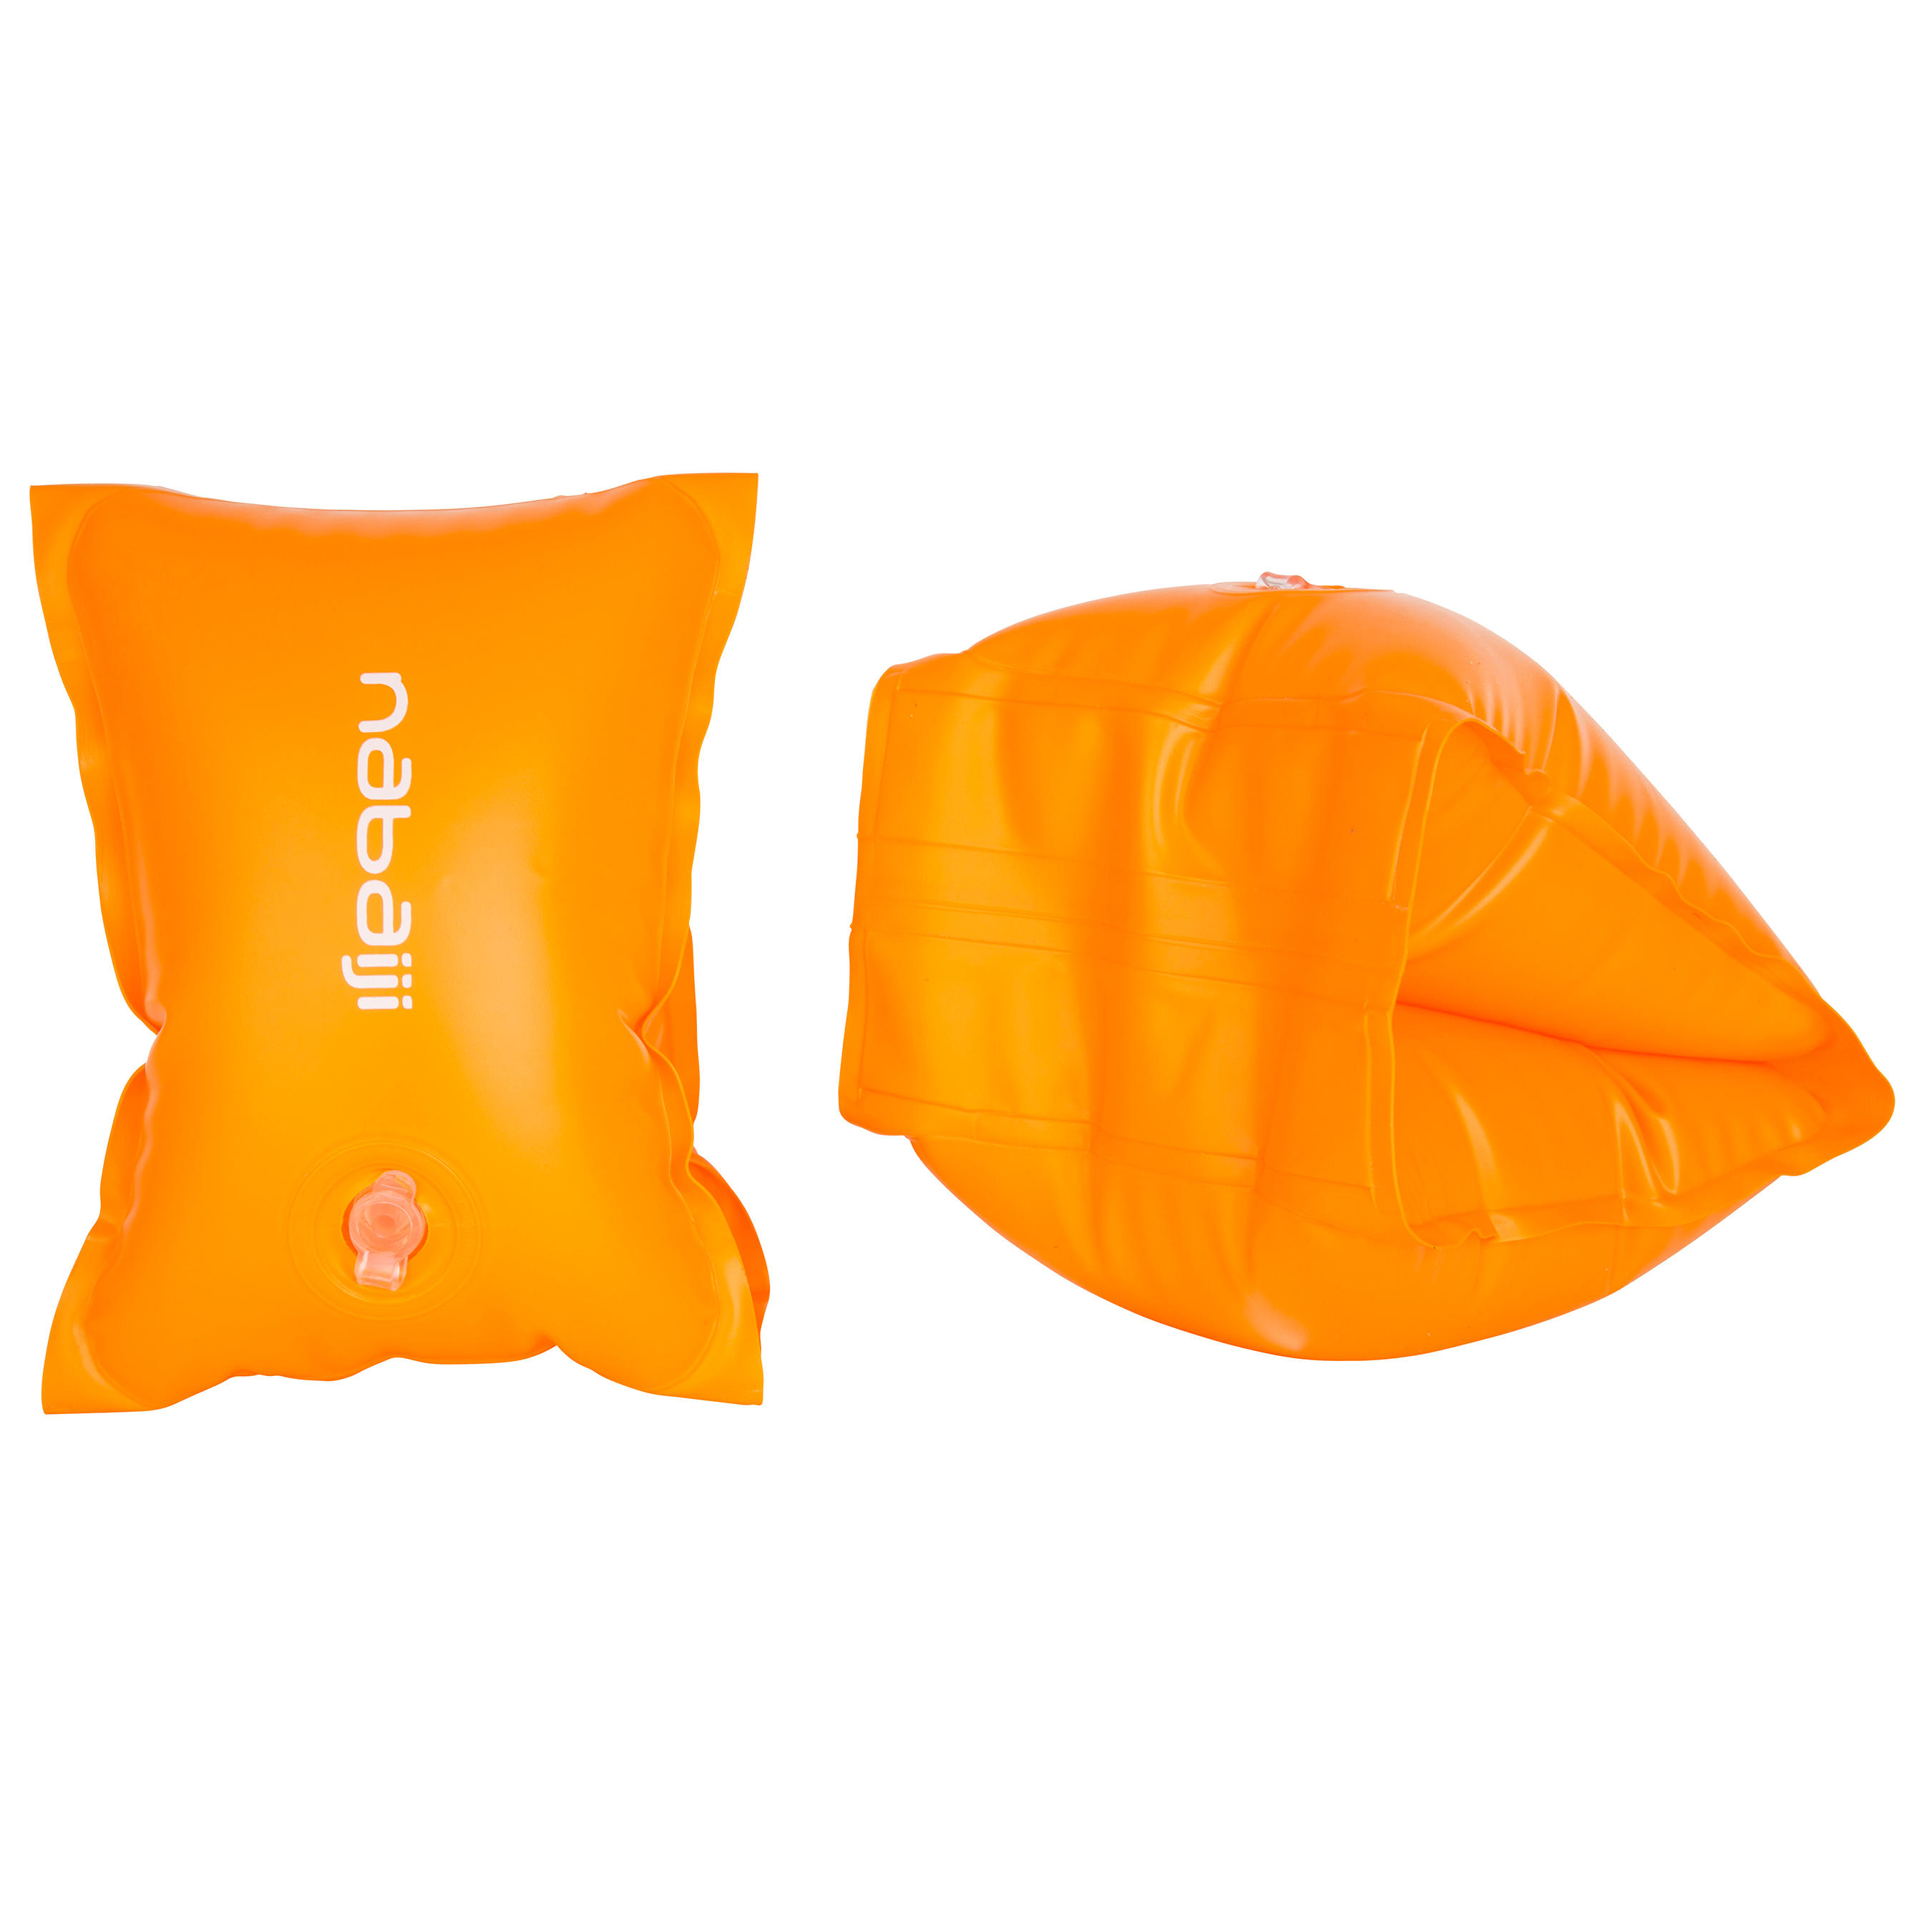 Flotadores de natación para niños - naranja